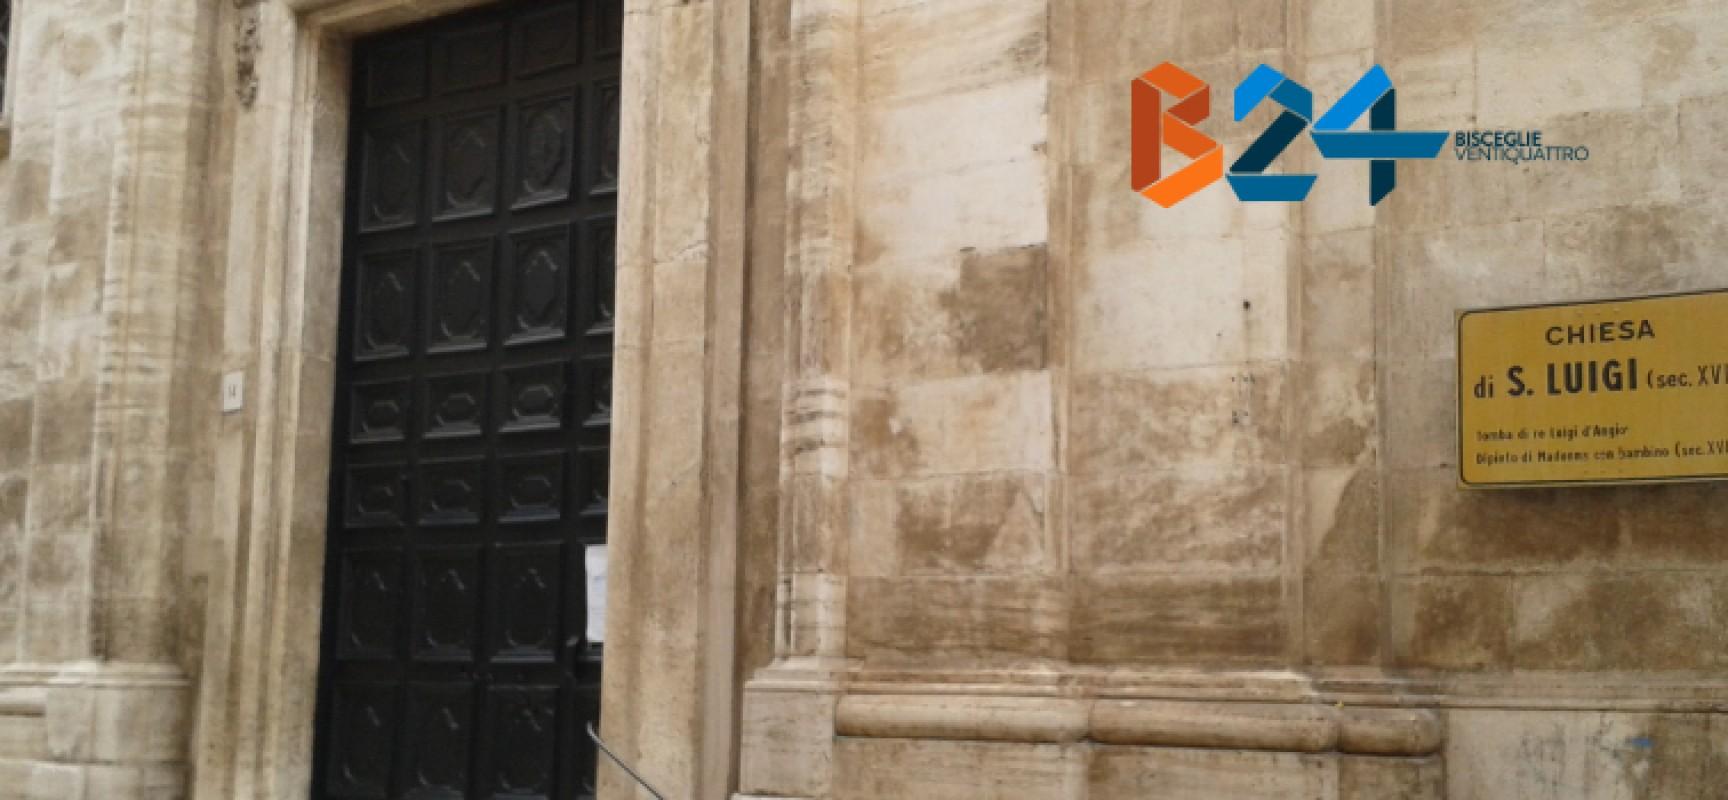 Visita guidata gratuita alla scoperta della storia del monastero di san Luigi